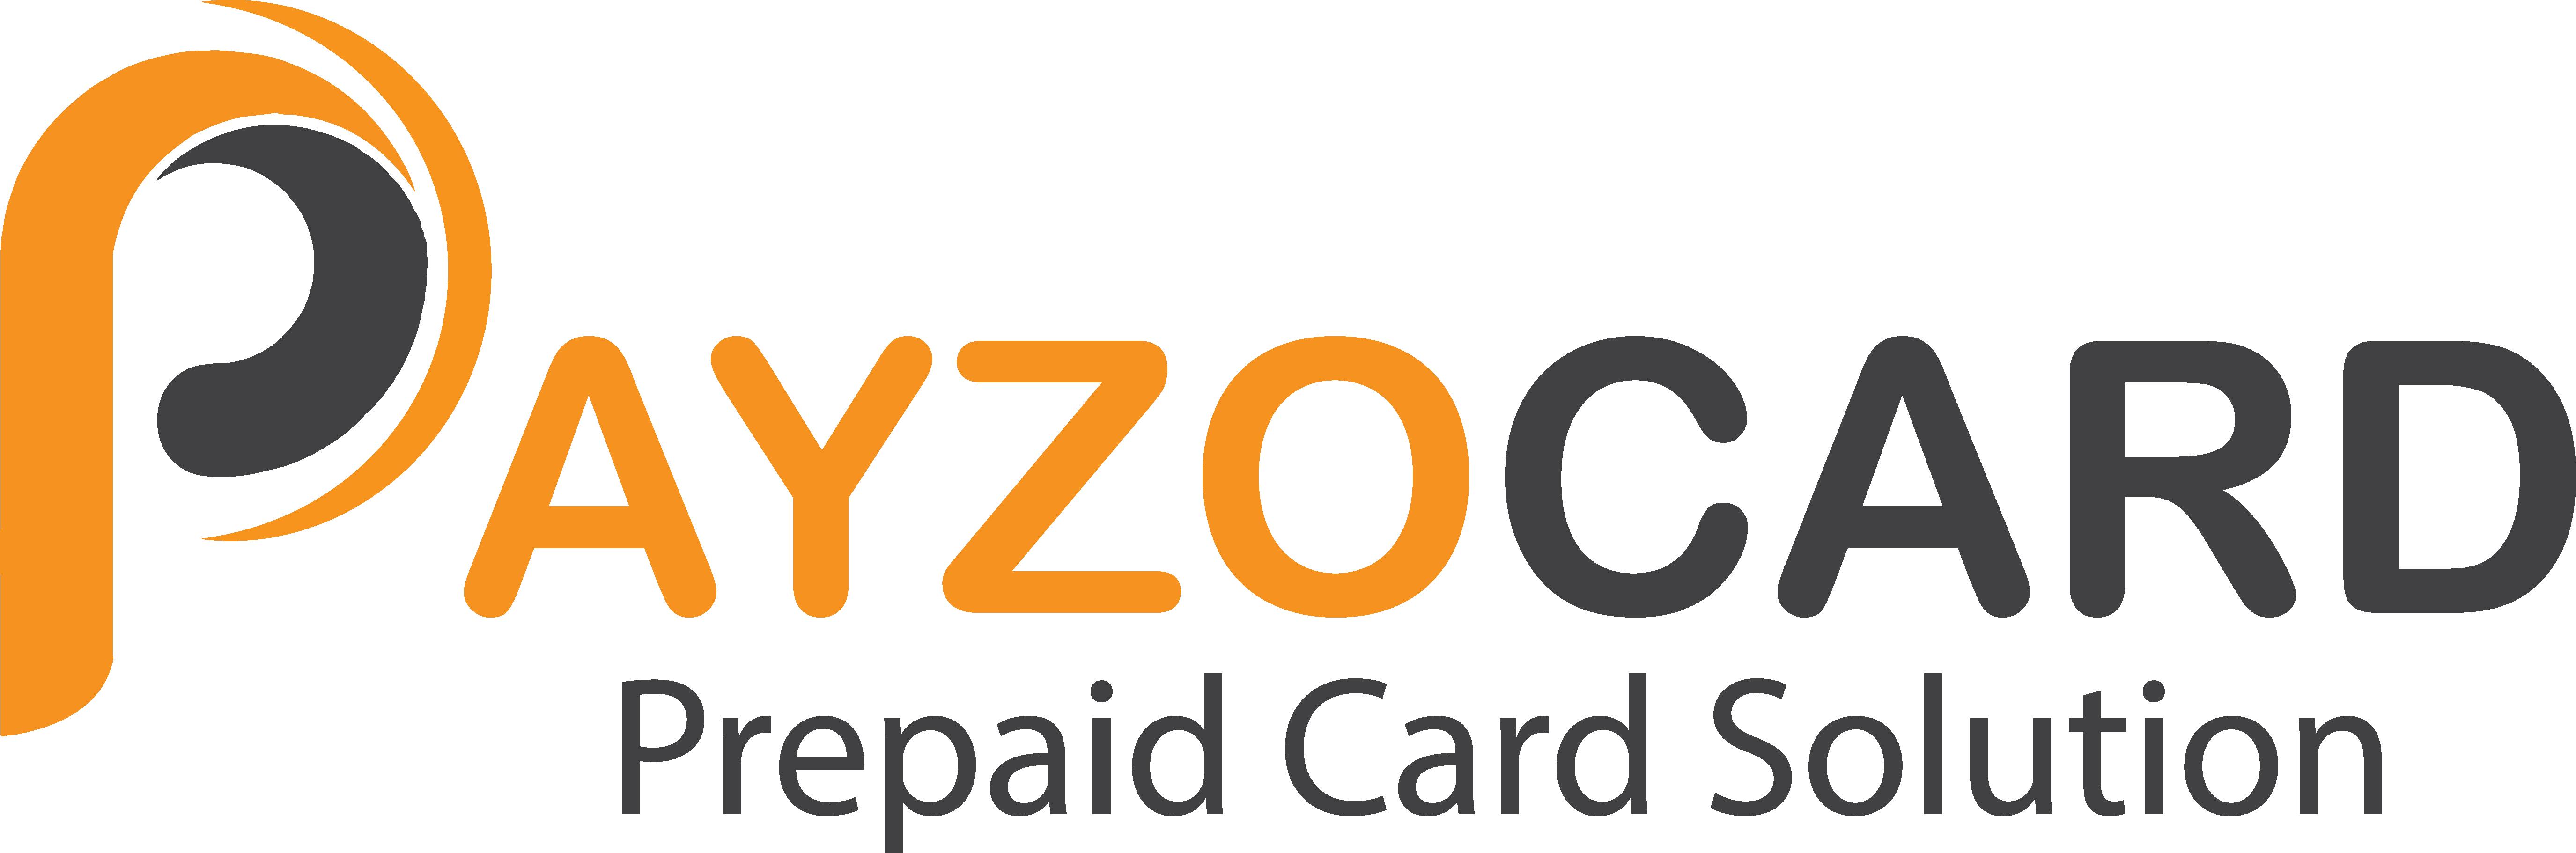 payzocard